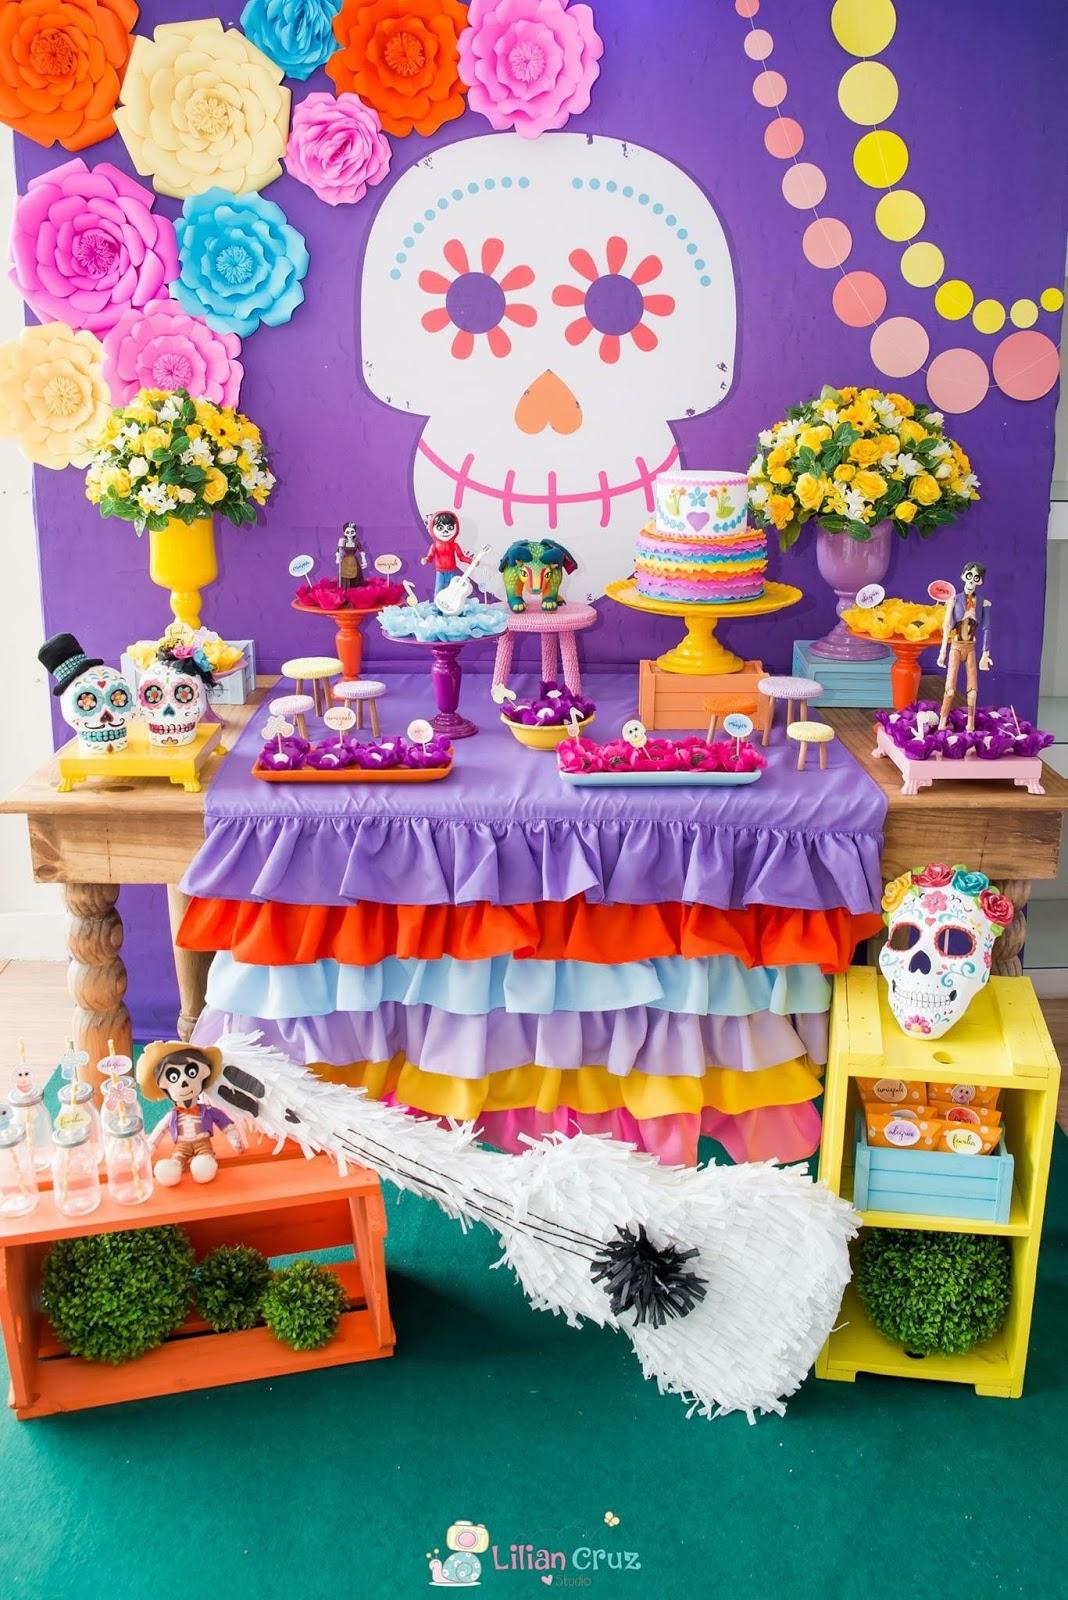 Manualidades y decoraciones para cumplea os - Decoracion party ...